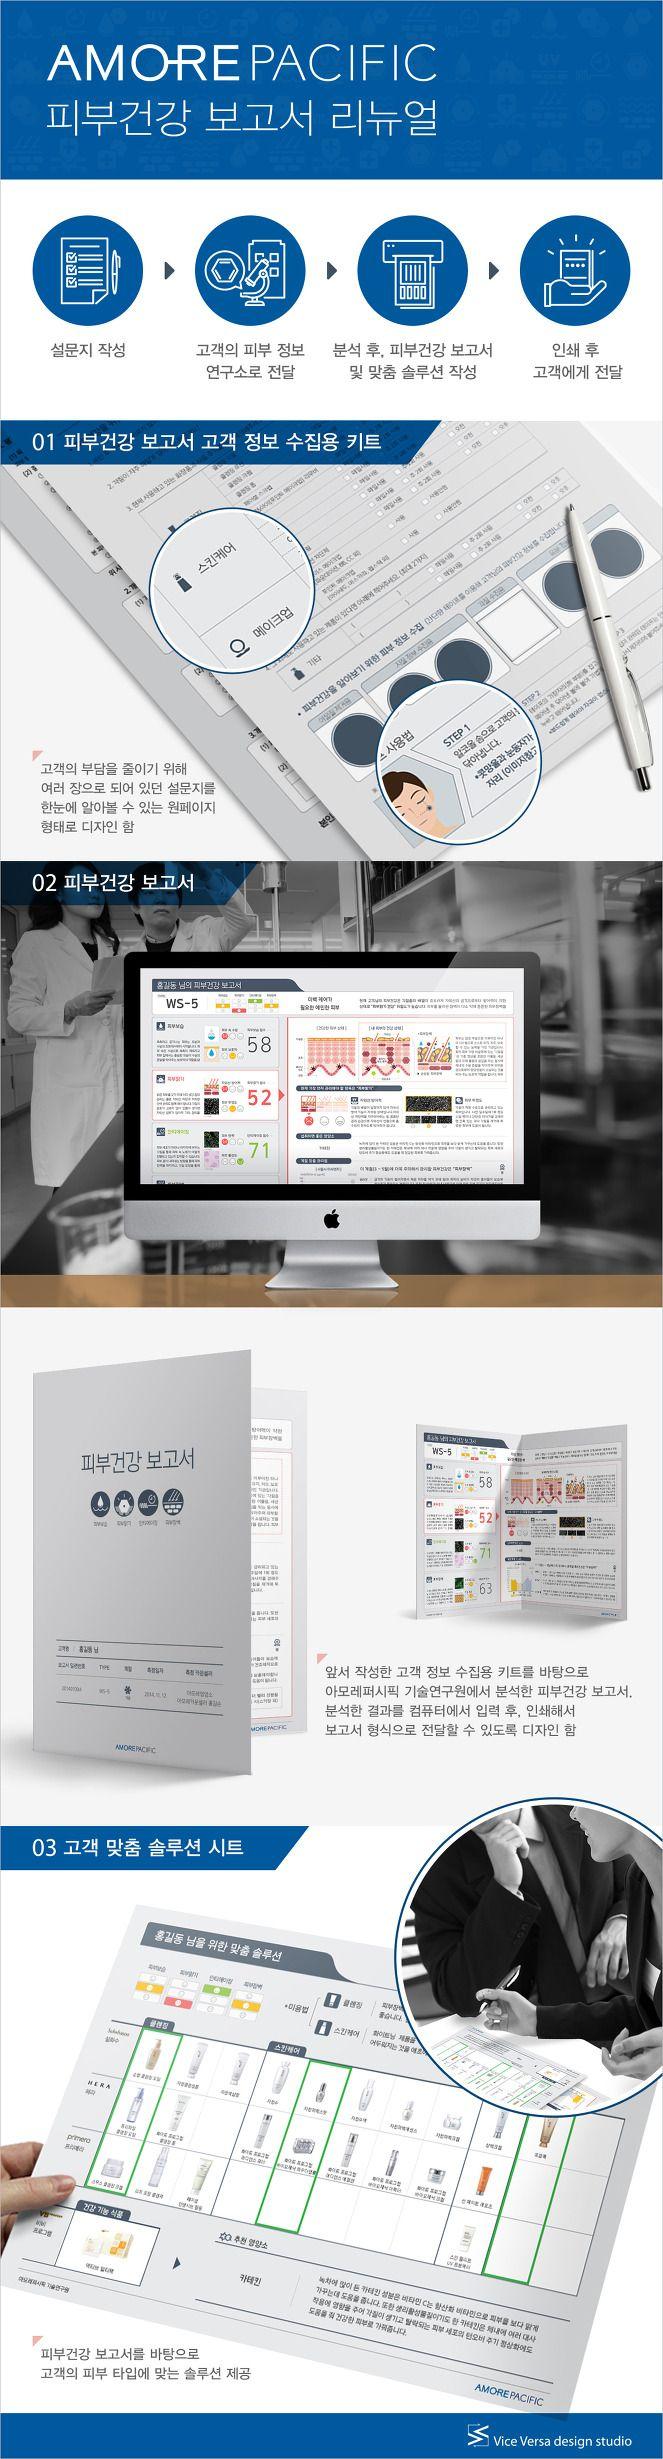 [인포그래픽_출력물] 아모레퍼시픽 피부건강 보고서 리뉴얼